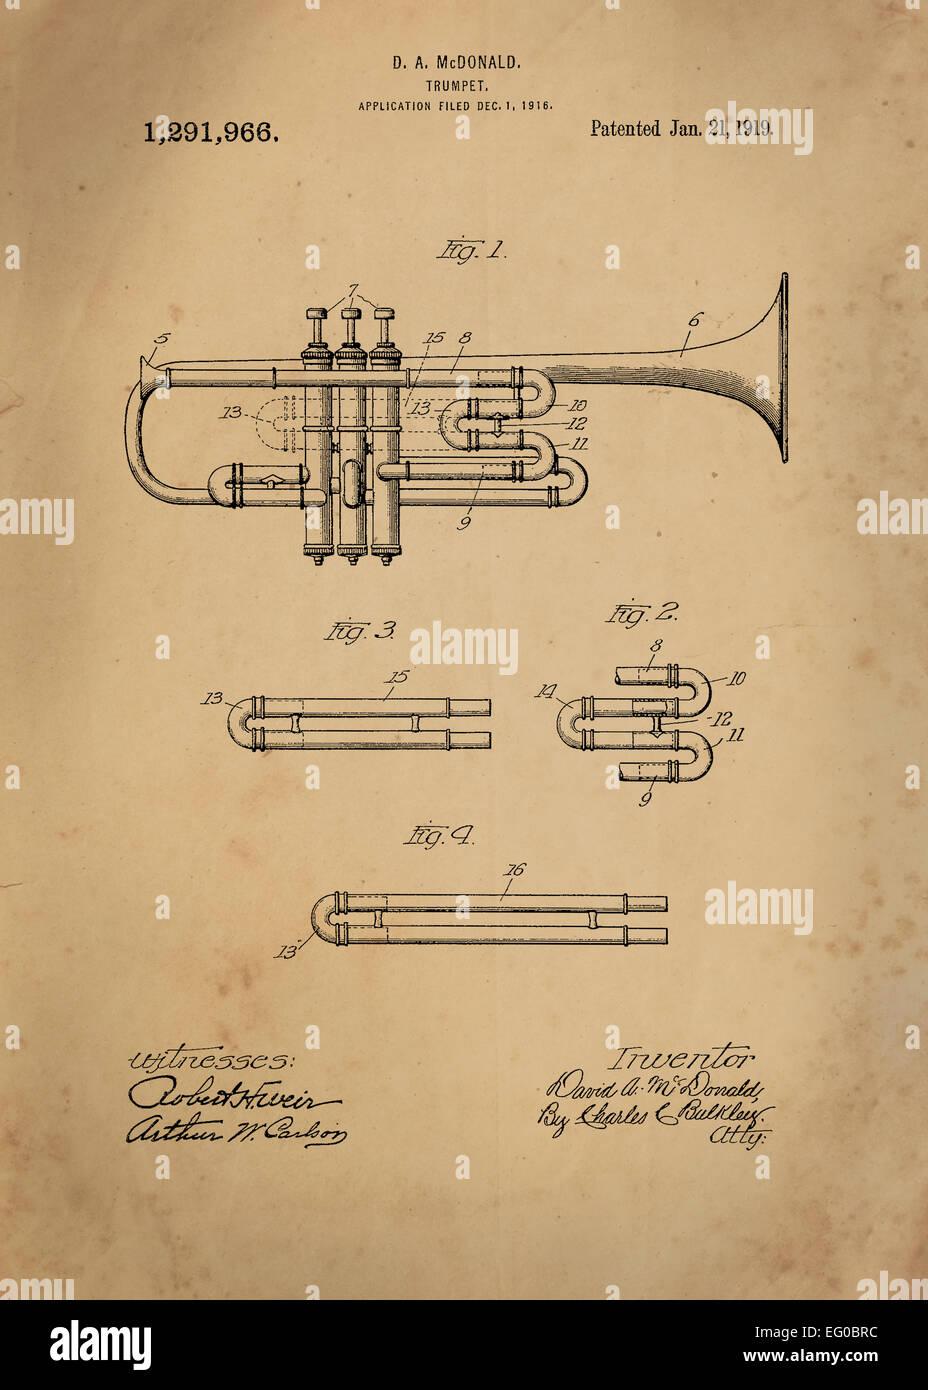 Trompeta patente desde 1919 Vintage ilustraciones patentes gran presentación en ambos ajustes personales y corporativas oficinas ie/ clubes/ volver Foto de stock